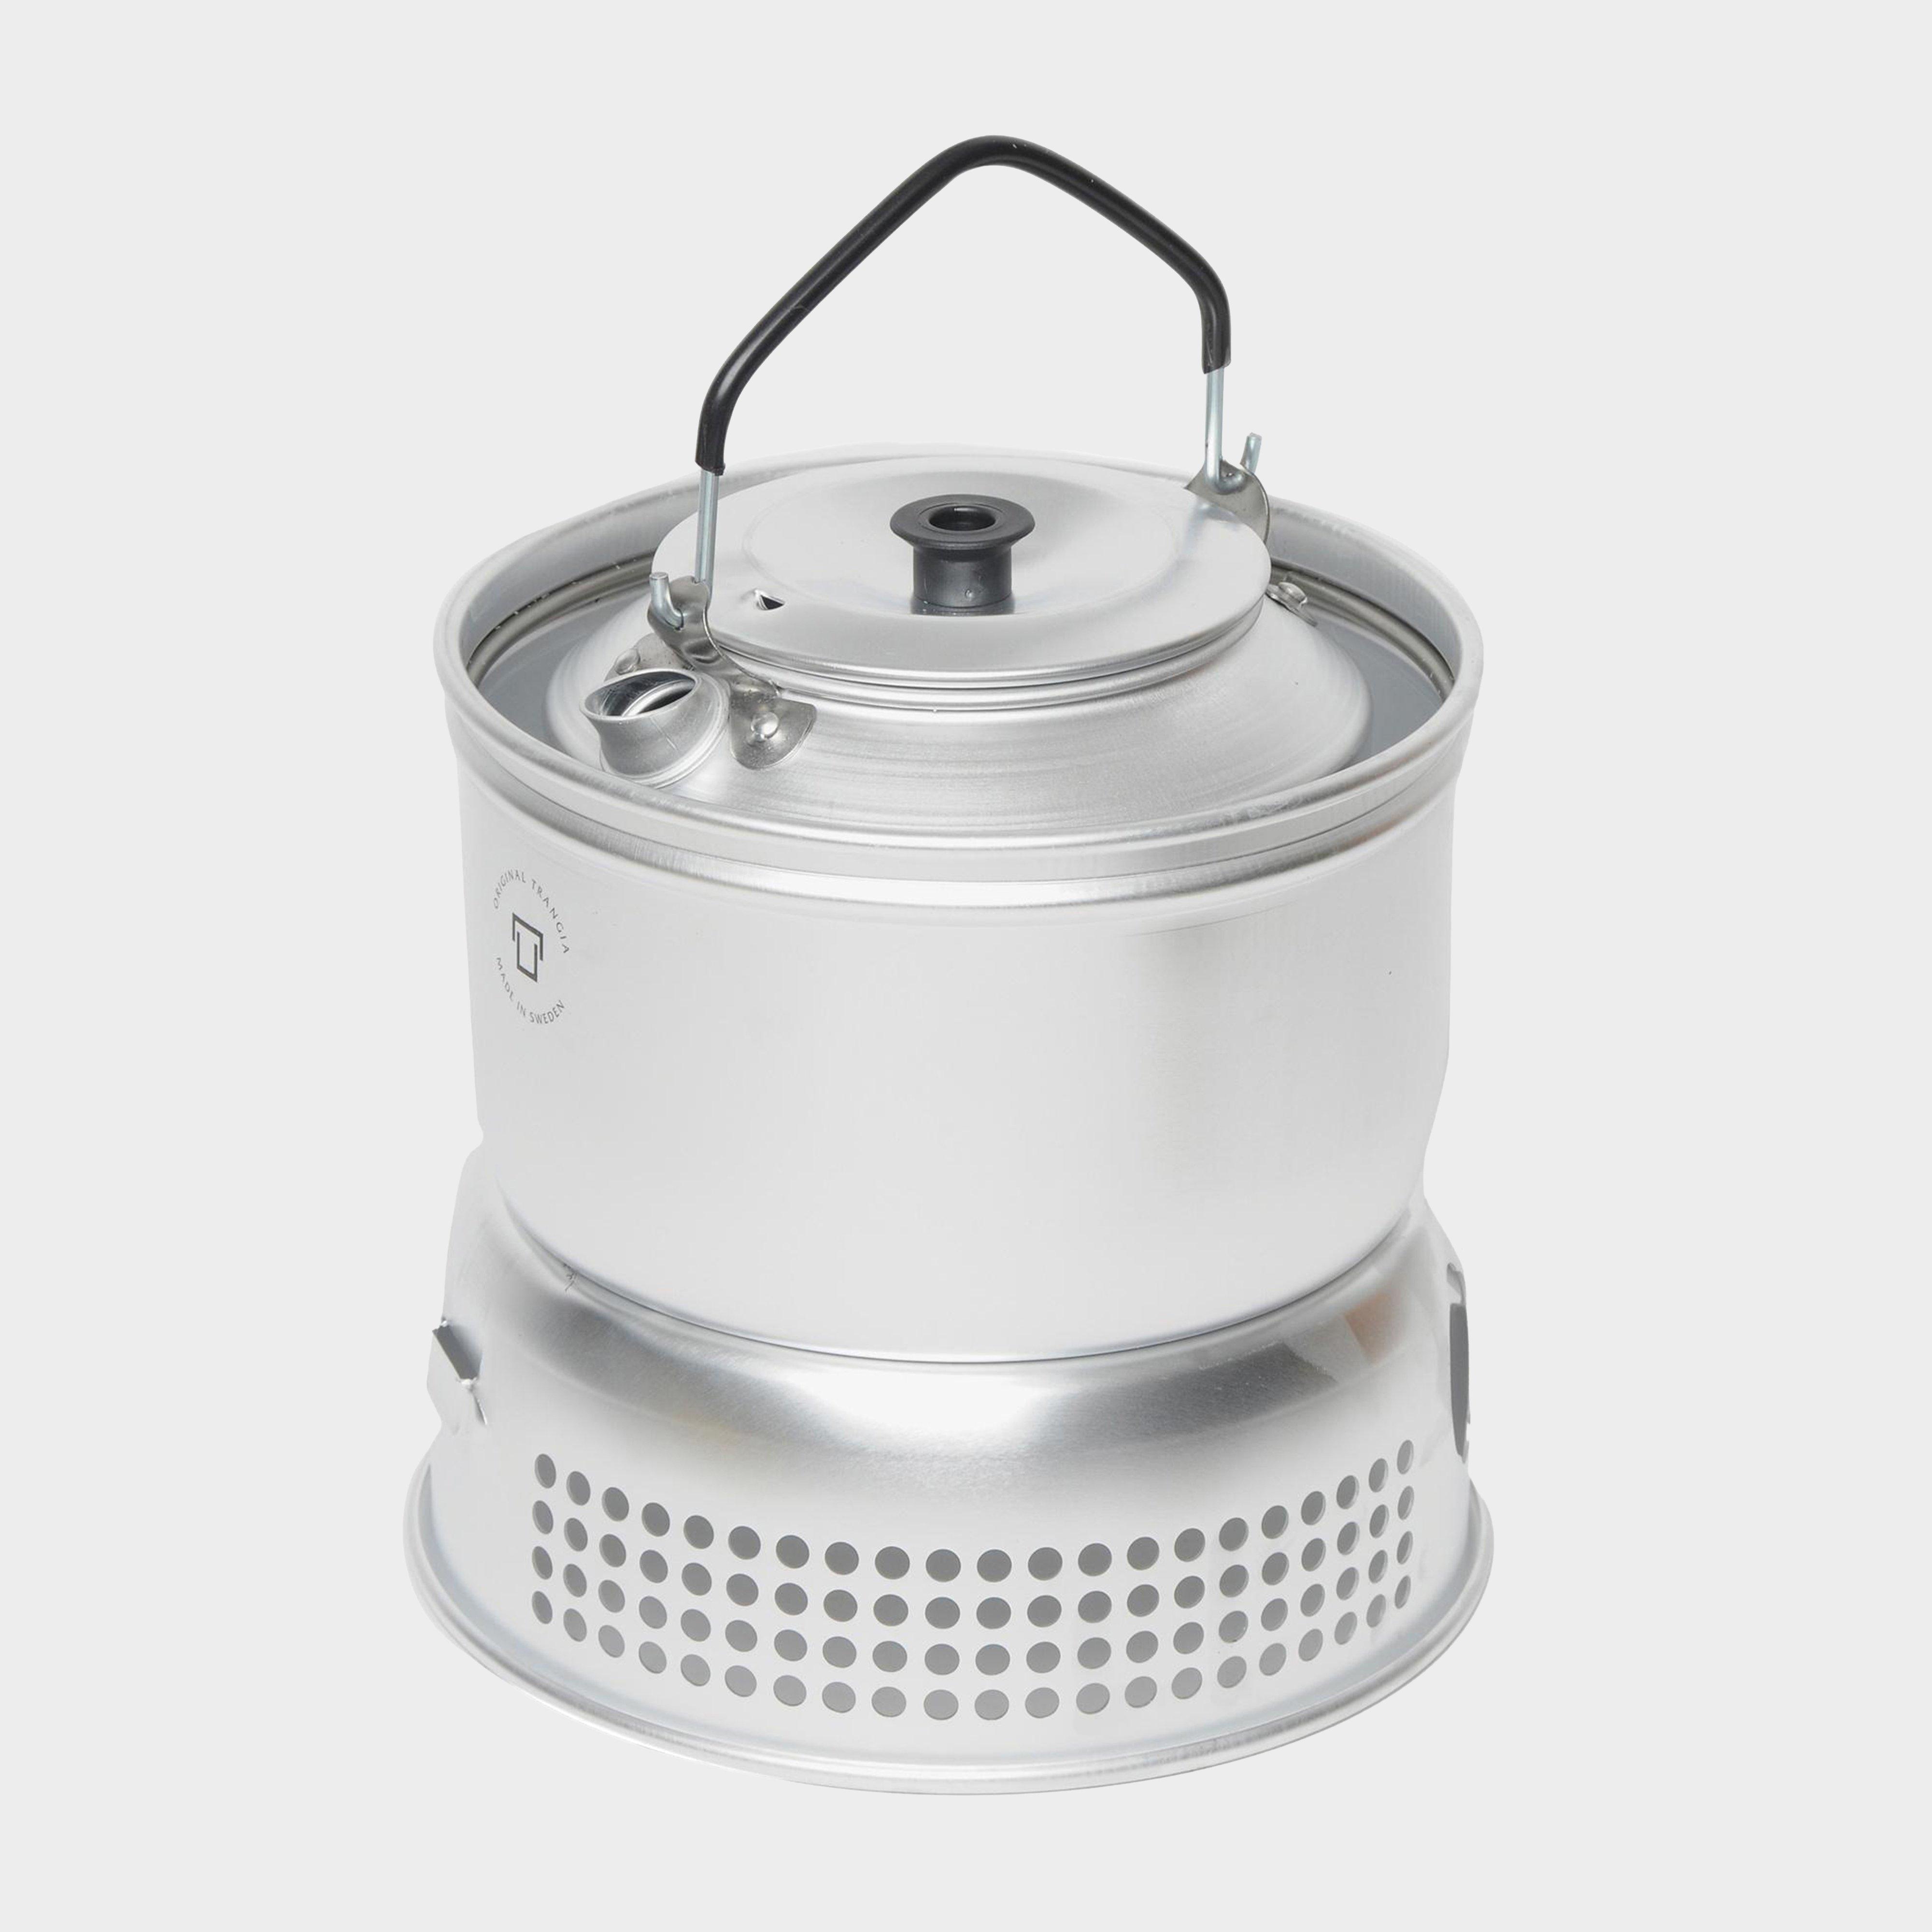 Trangia 27-6 Cook Set (1-2 Person), Grey